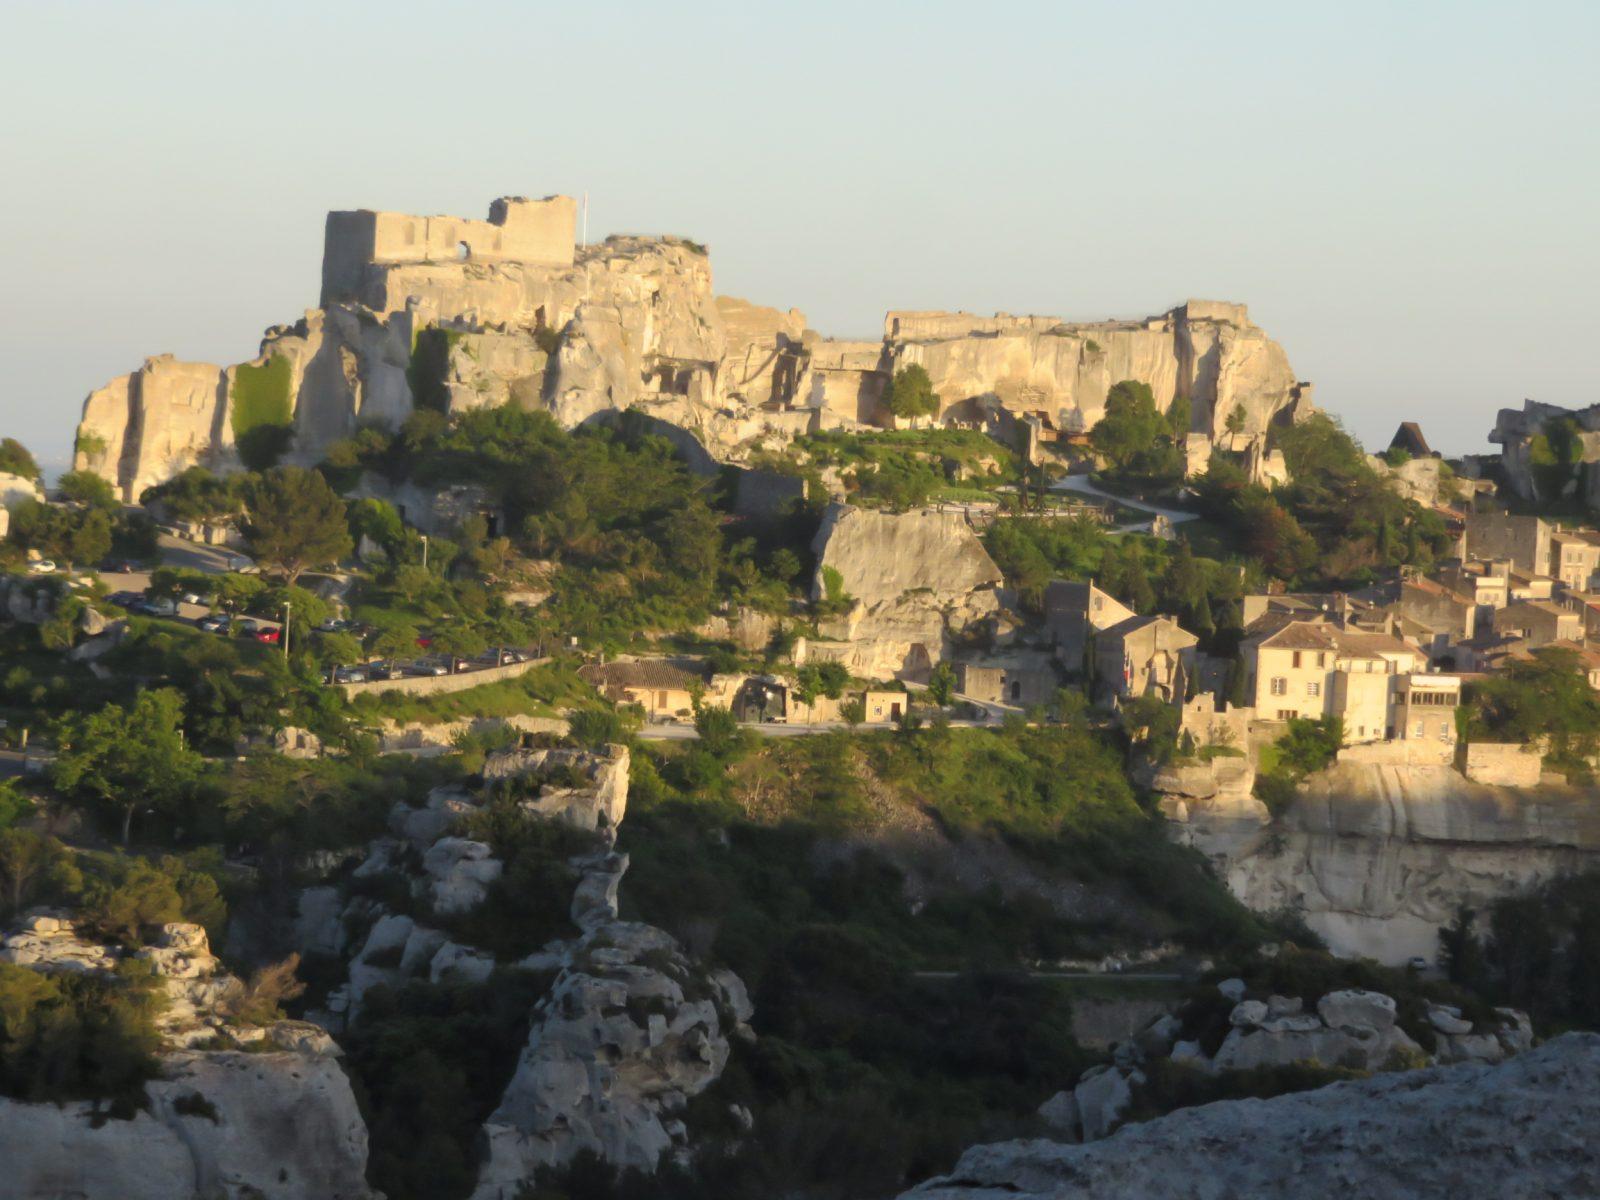 Les Baux-de-Provence, St. Remy & Glanum